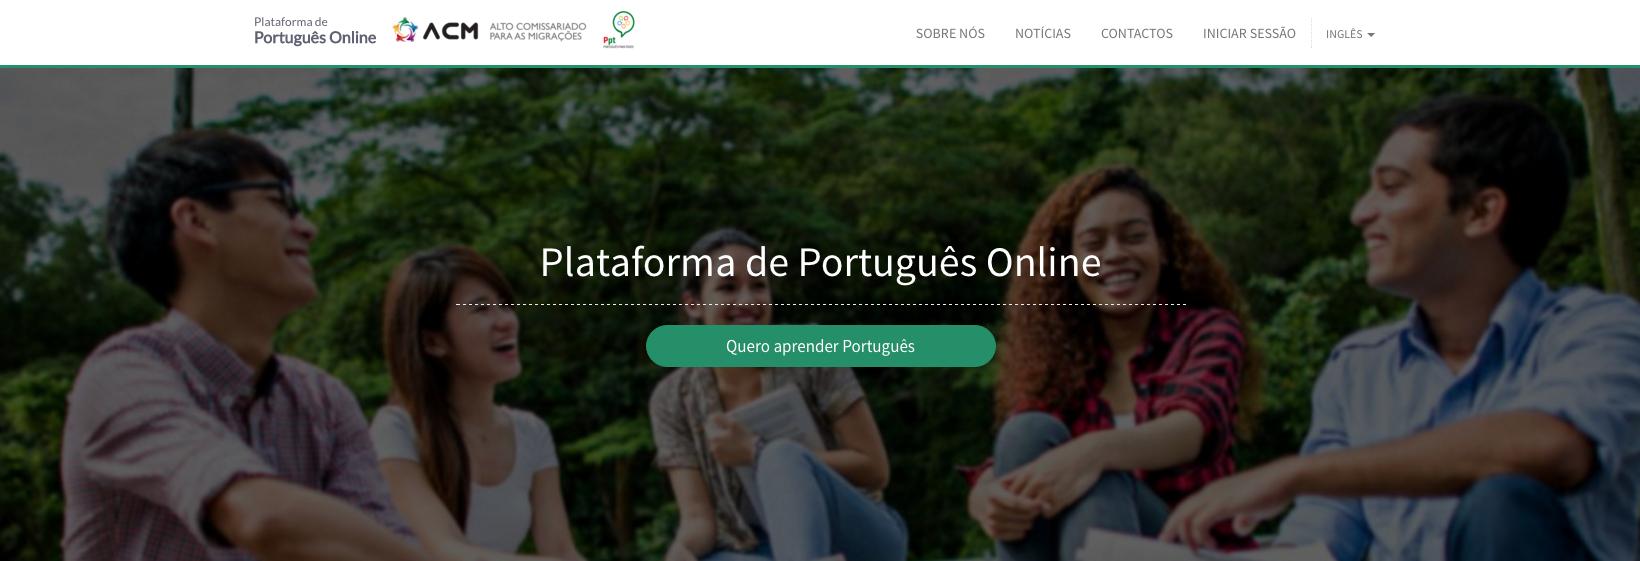 ACM lança Plataforma de Português Online